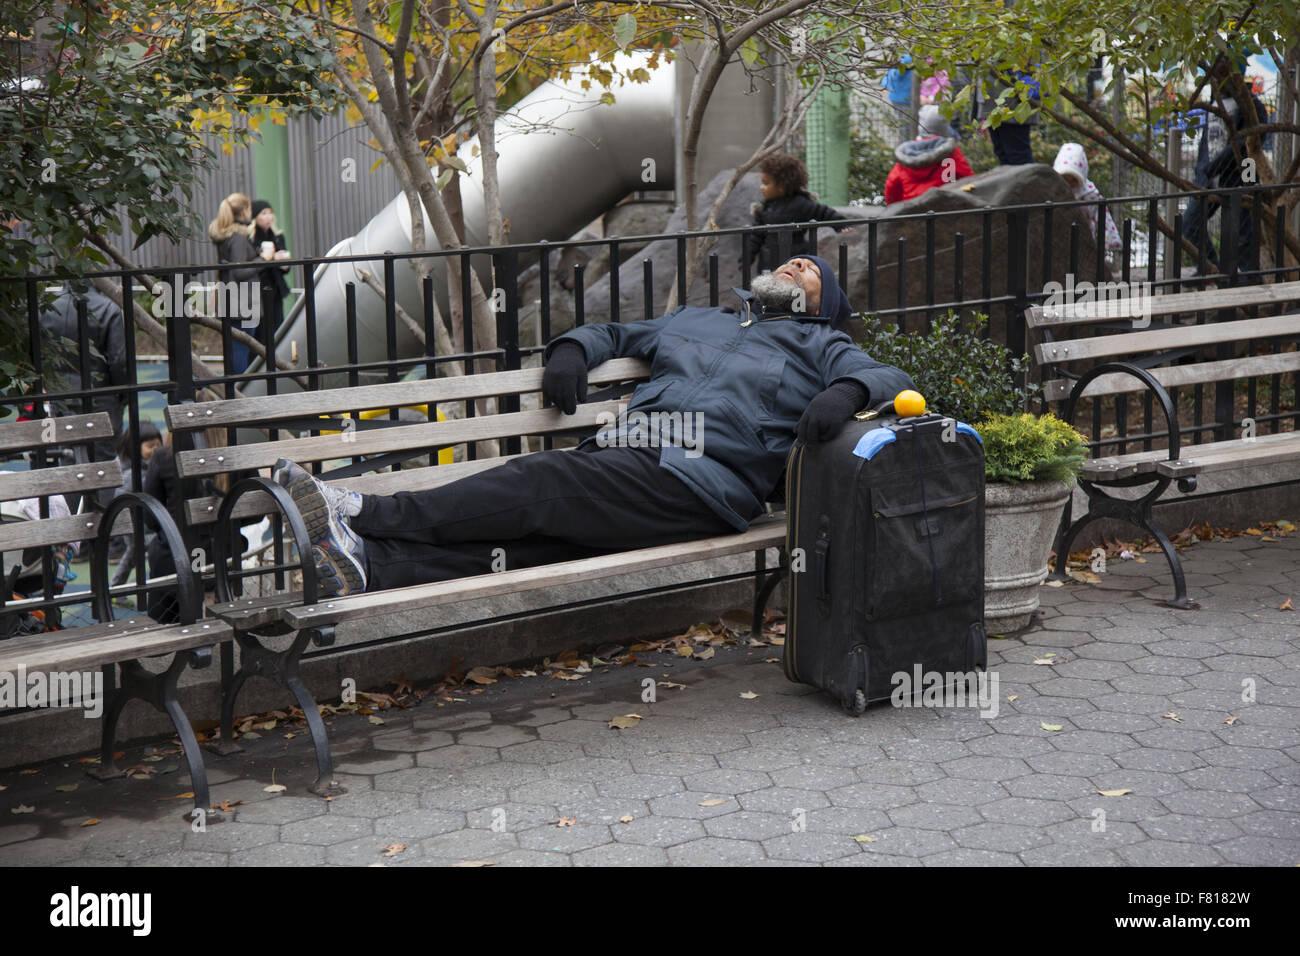 Lhomme Dort Sur Un Banc Dans Lunion Square Park Avec Sa Valise à